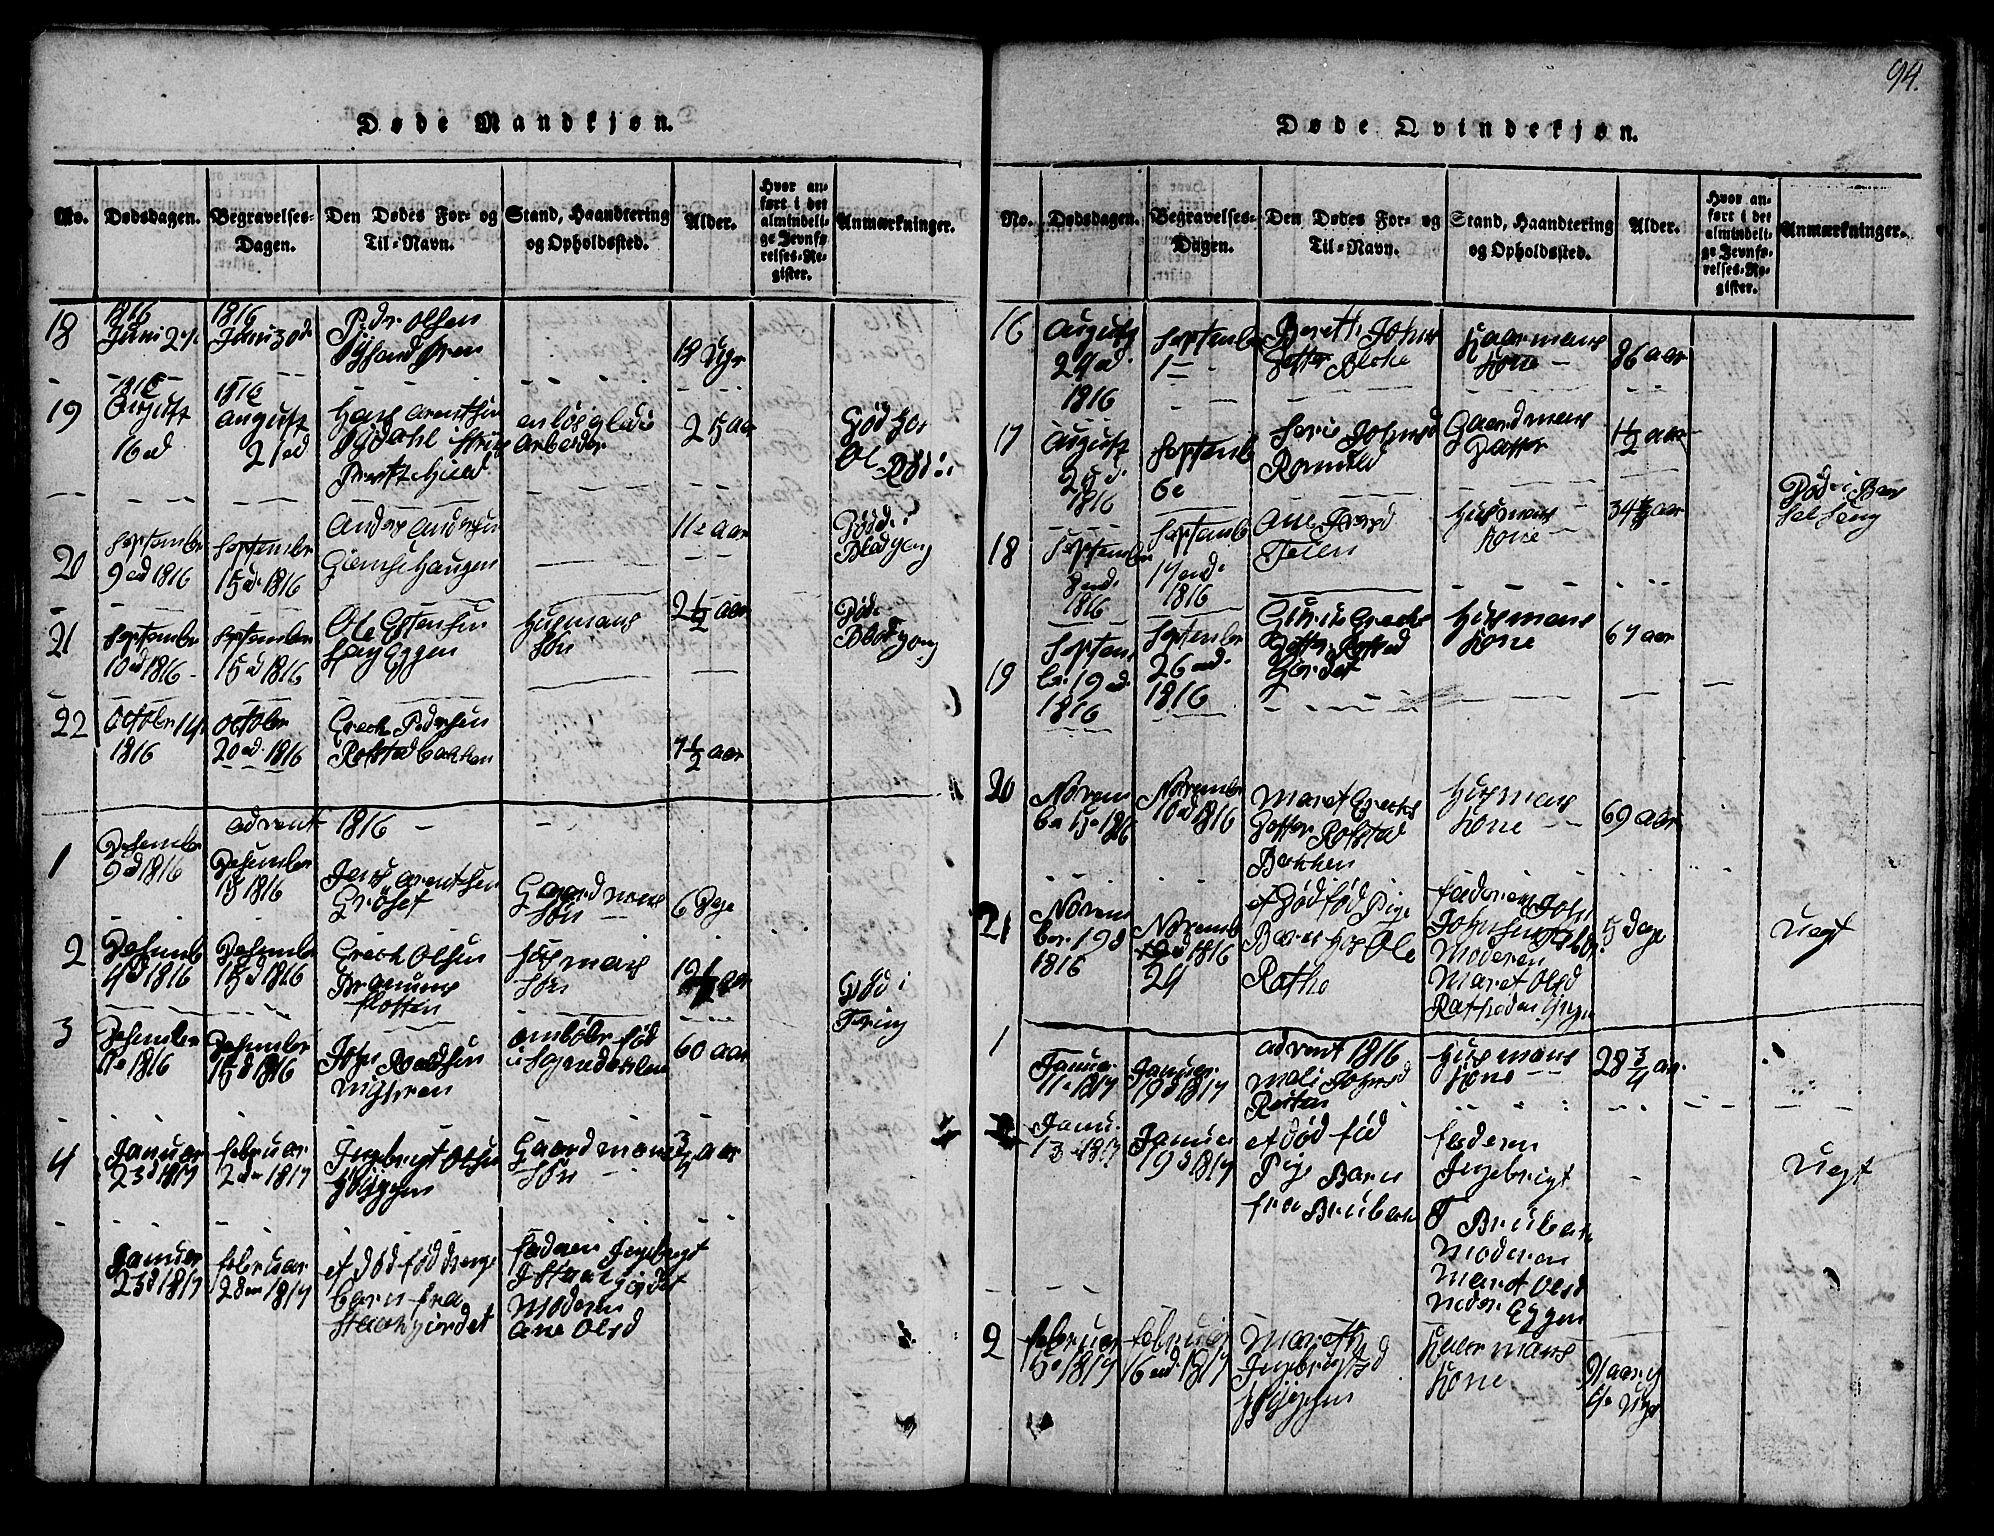 SAT, Ministerialprotokoller, klokkerbøker og fødselsregistre - Sør-Trøndelag, 691/L1092: Klokkerbok nr. 691C03, 1816-1852, s. 94